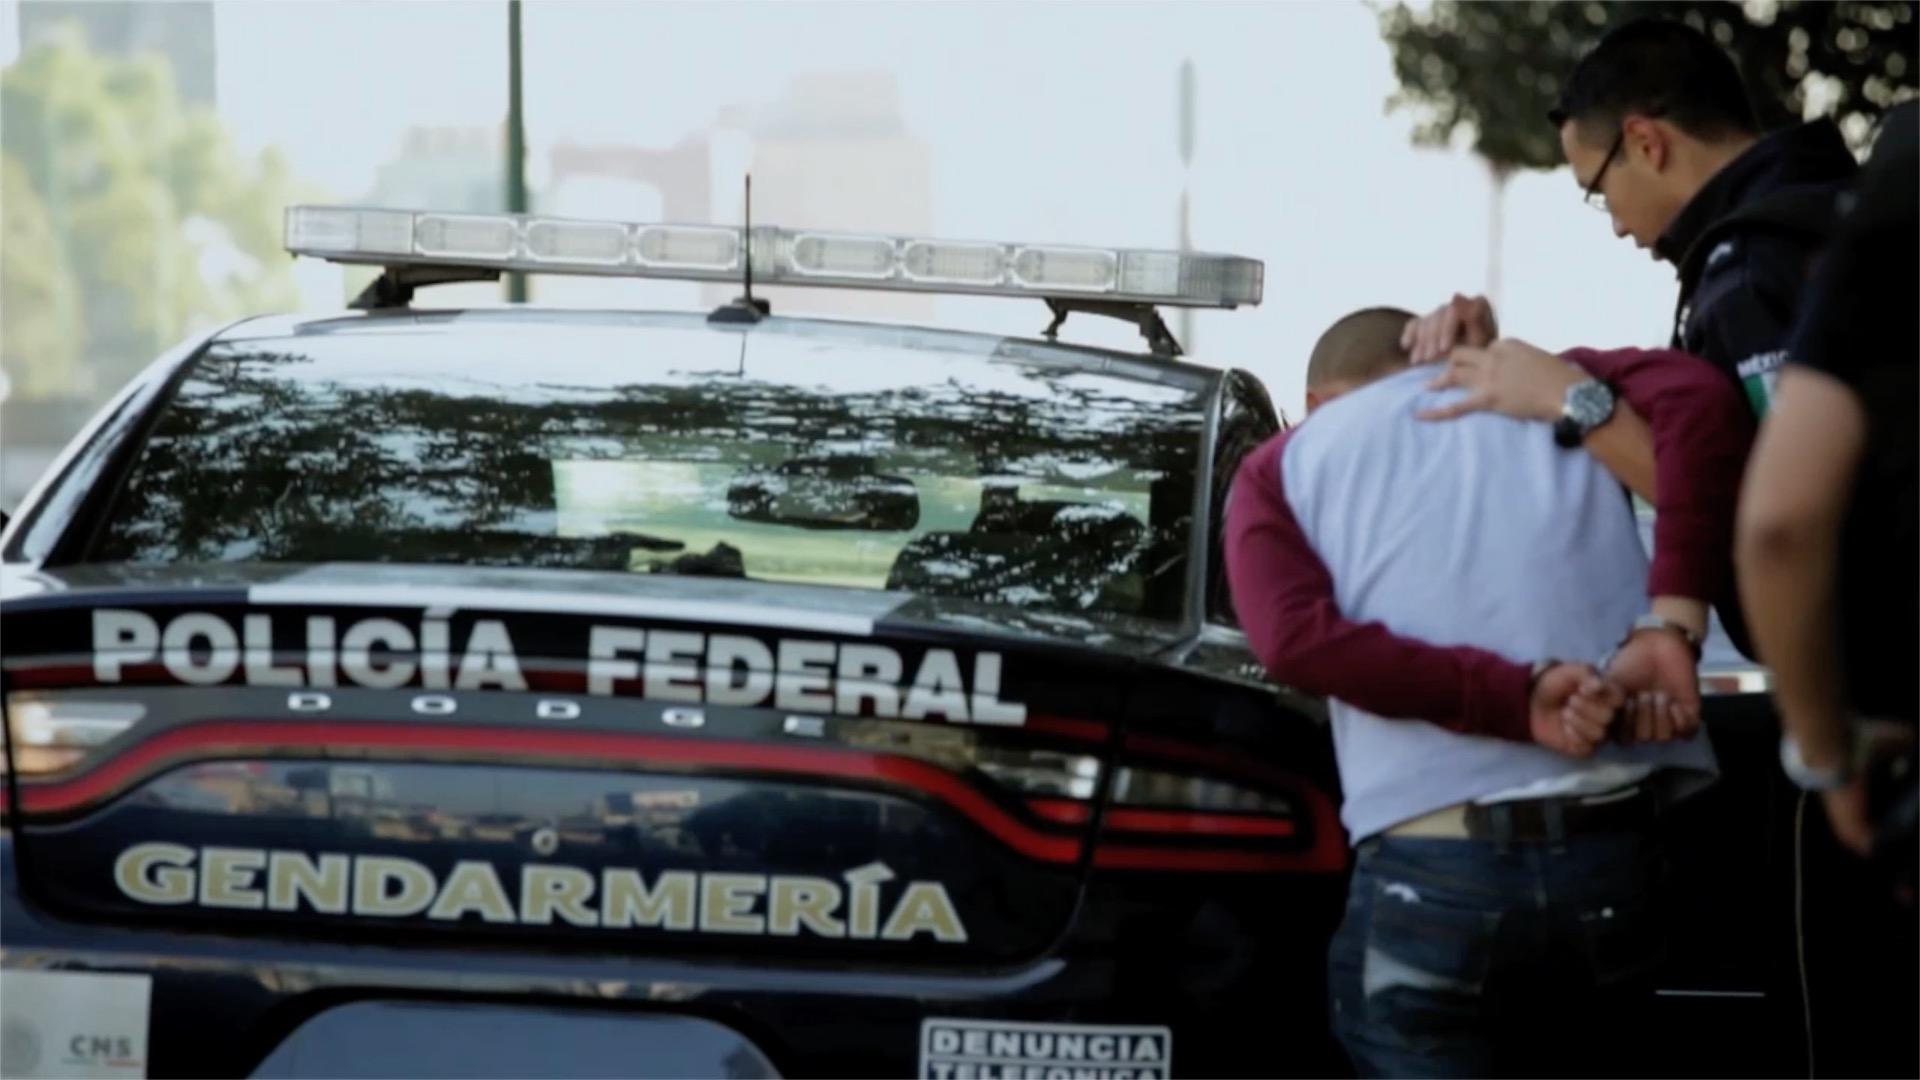 Detencion En Flagrancia Policia Federal Gobierno Gob Mx